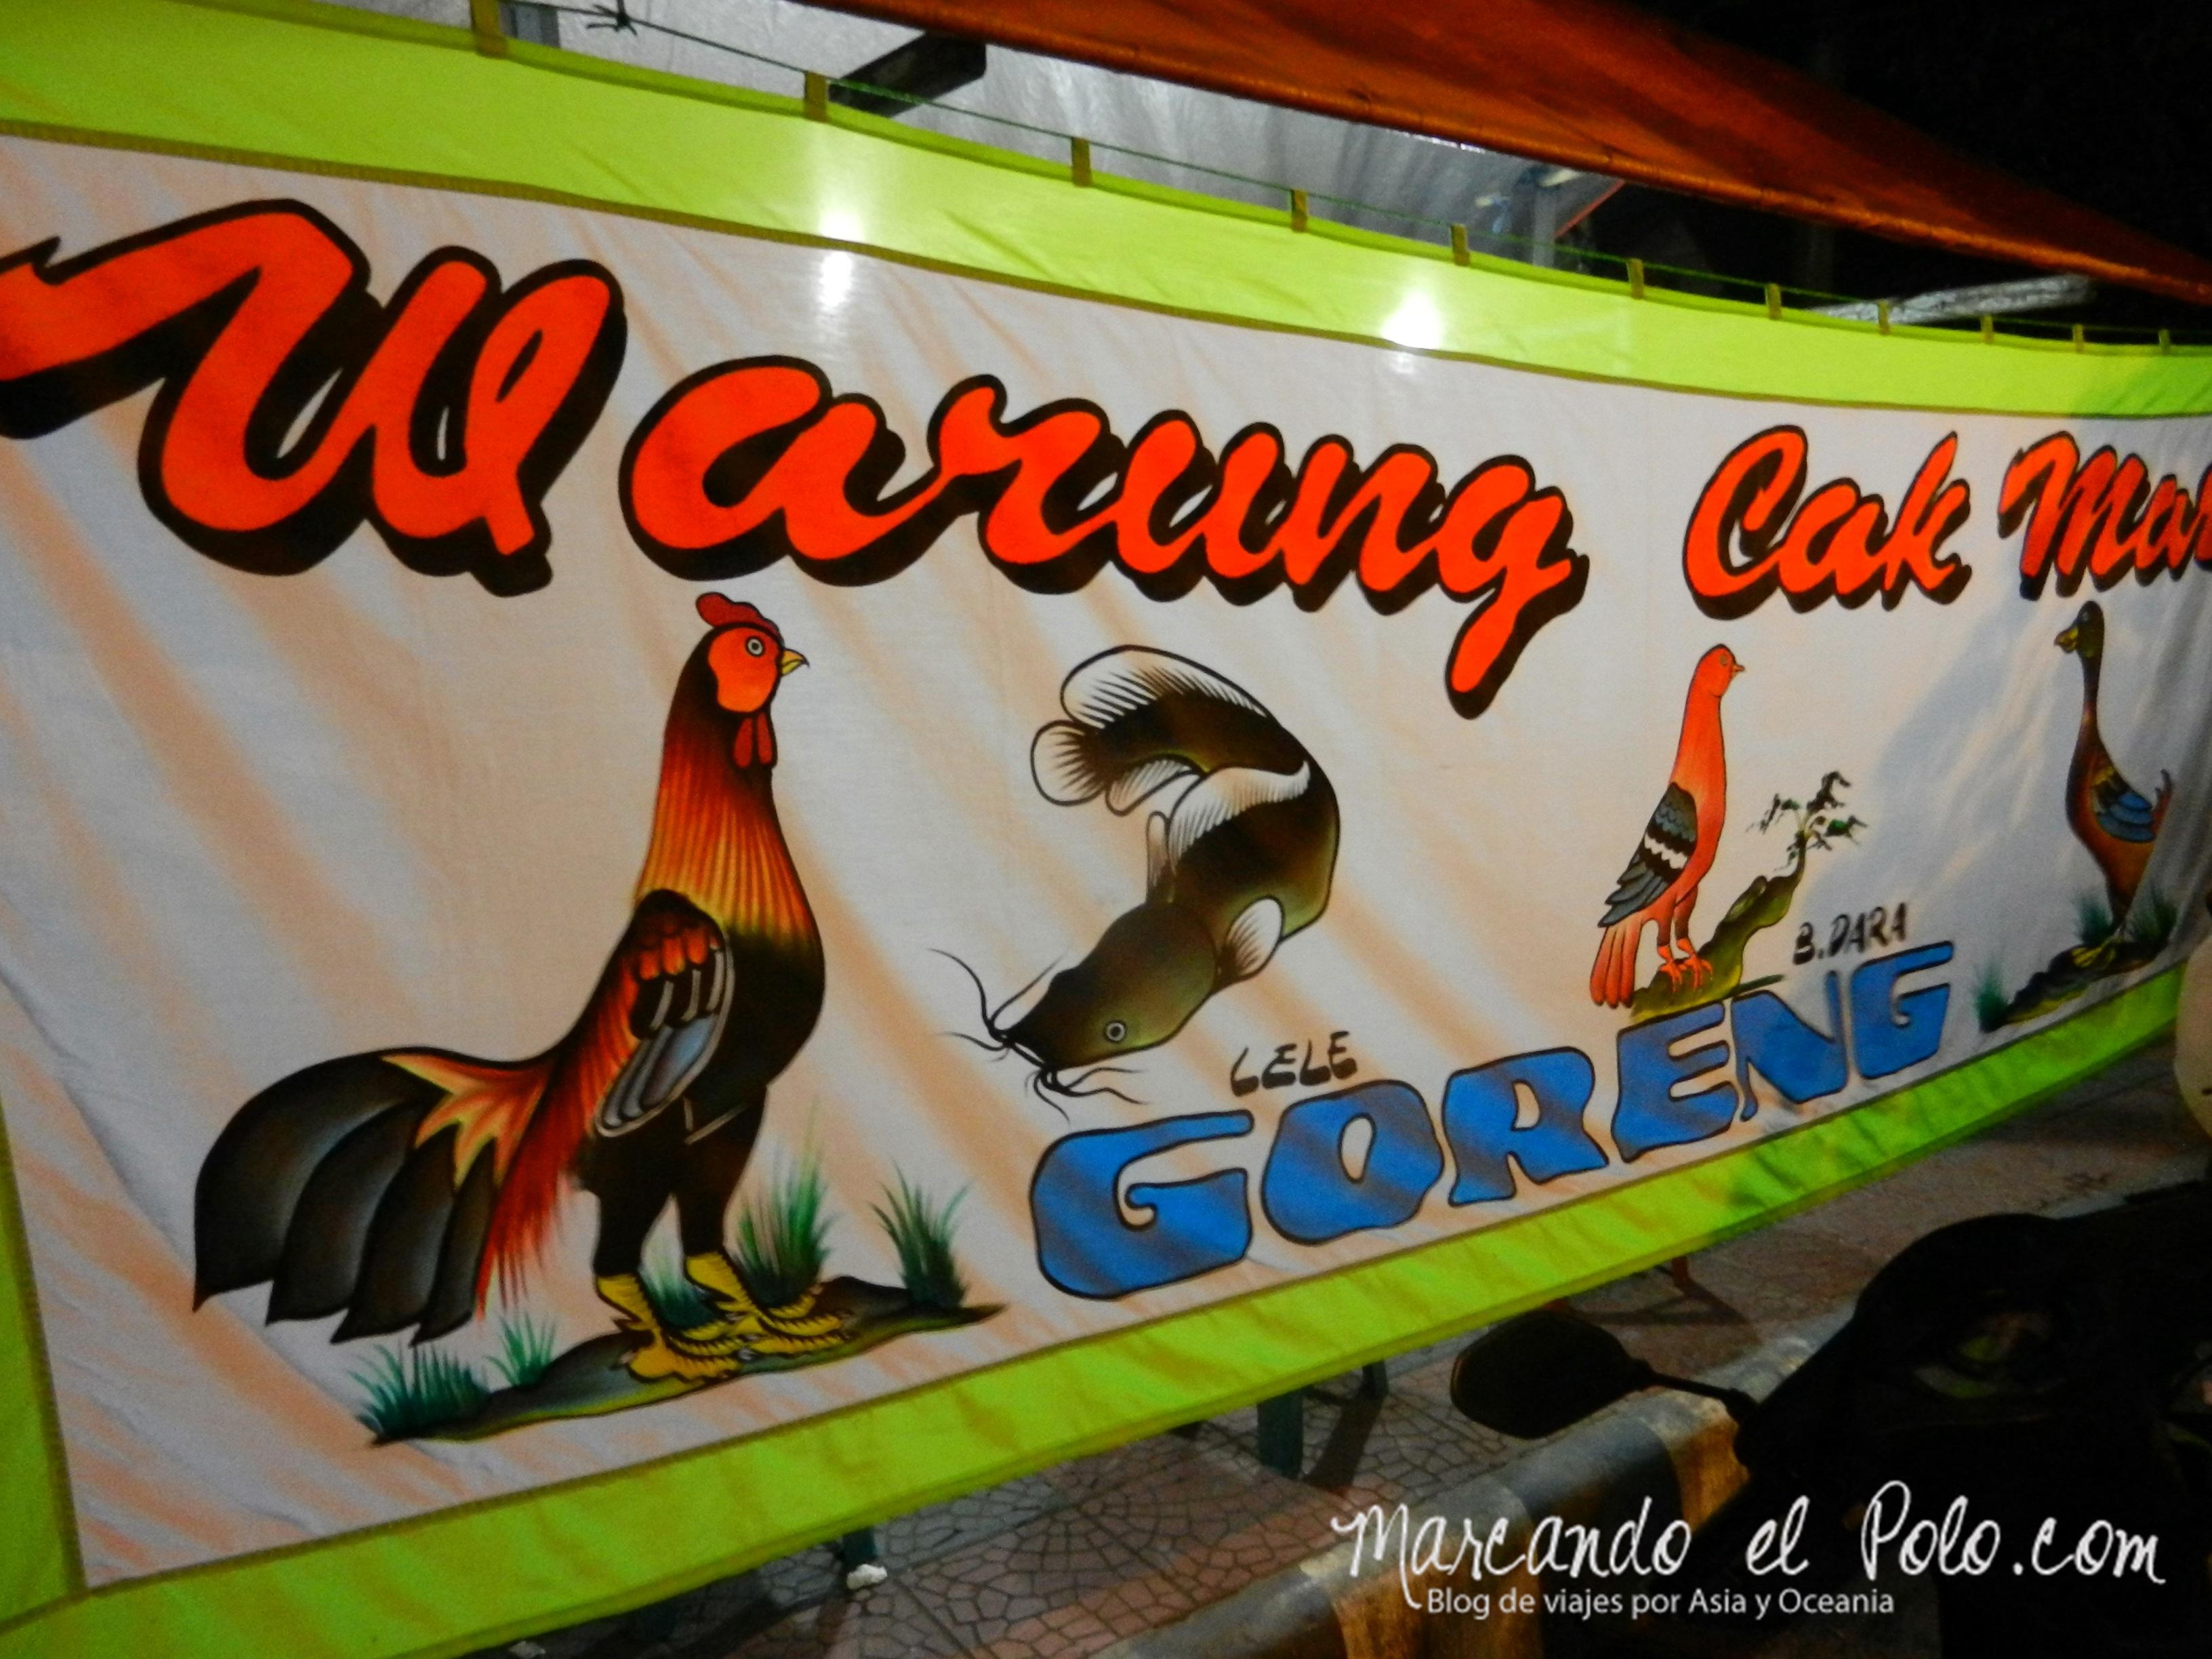 Comida de Indonesia - carne de paloma